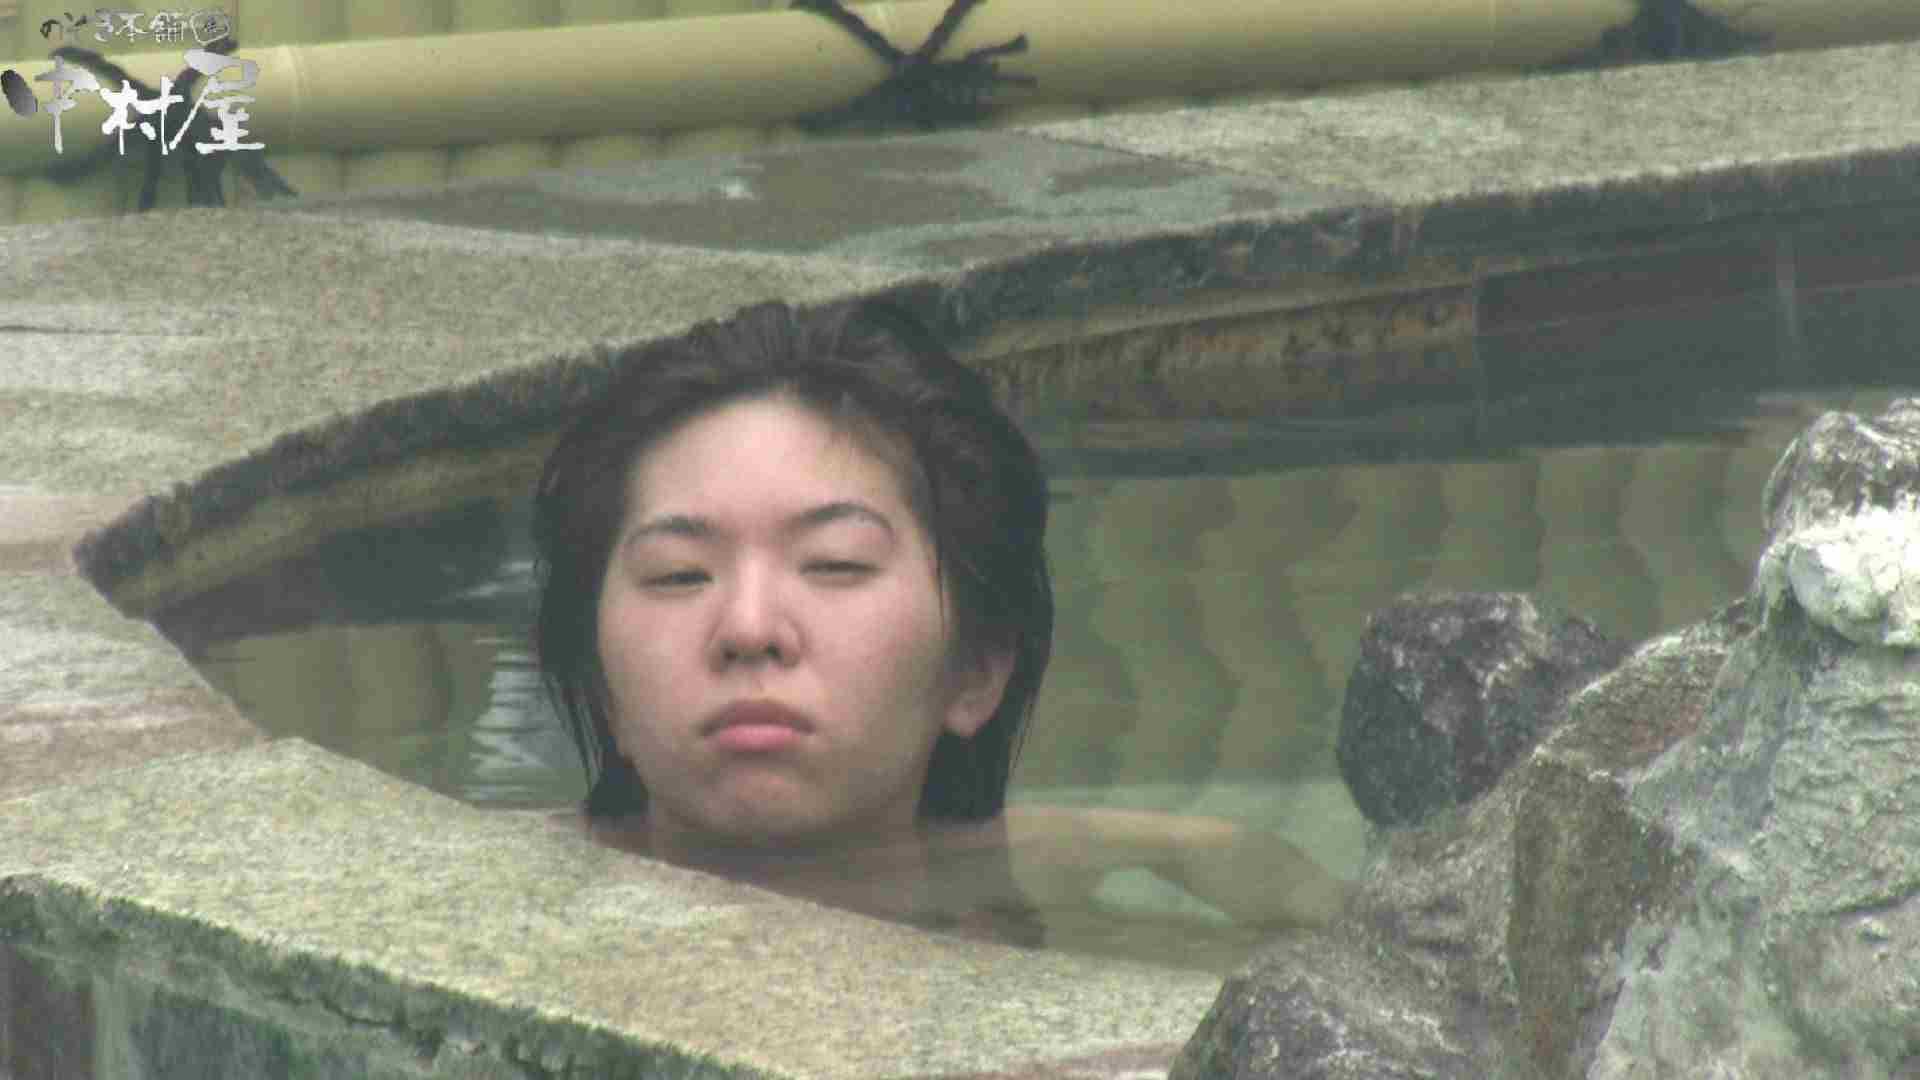 Aquaな露天風呂Vol.907 OL女体 | 女体盗撮  95連発 55